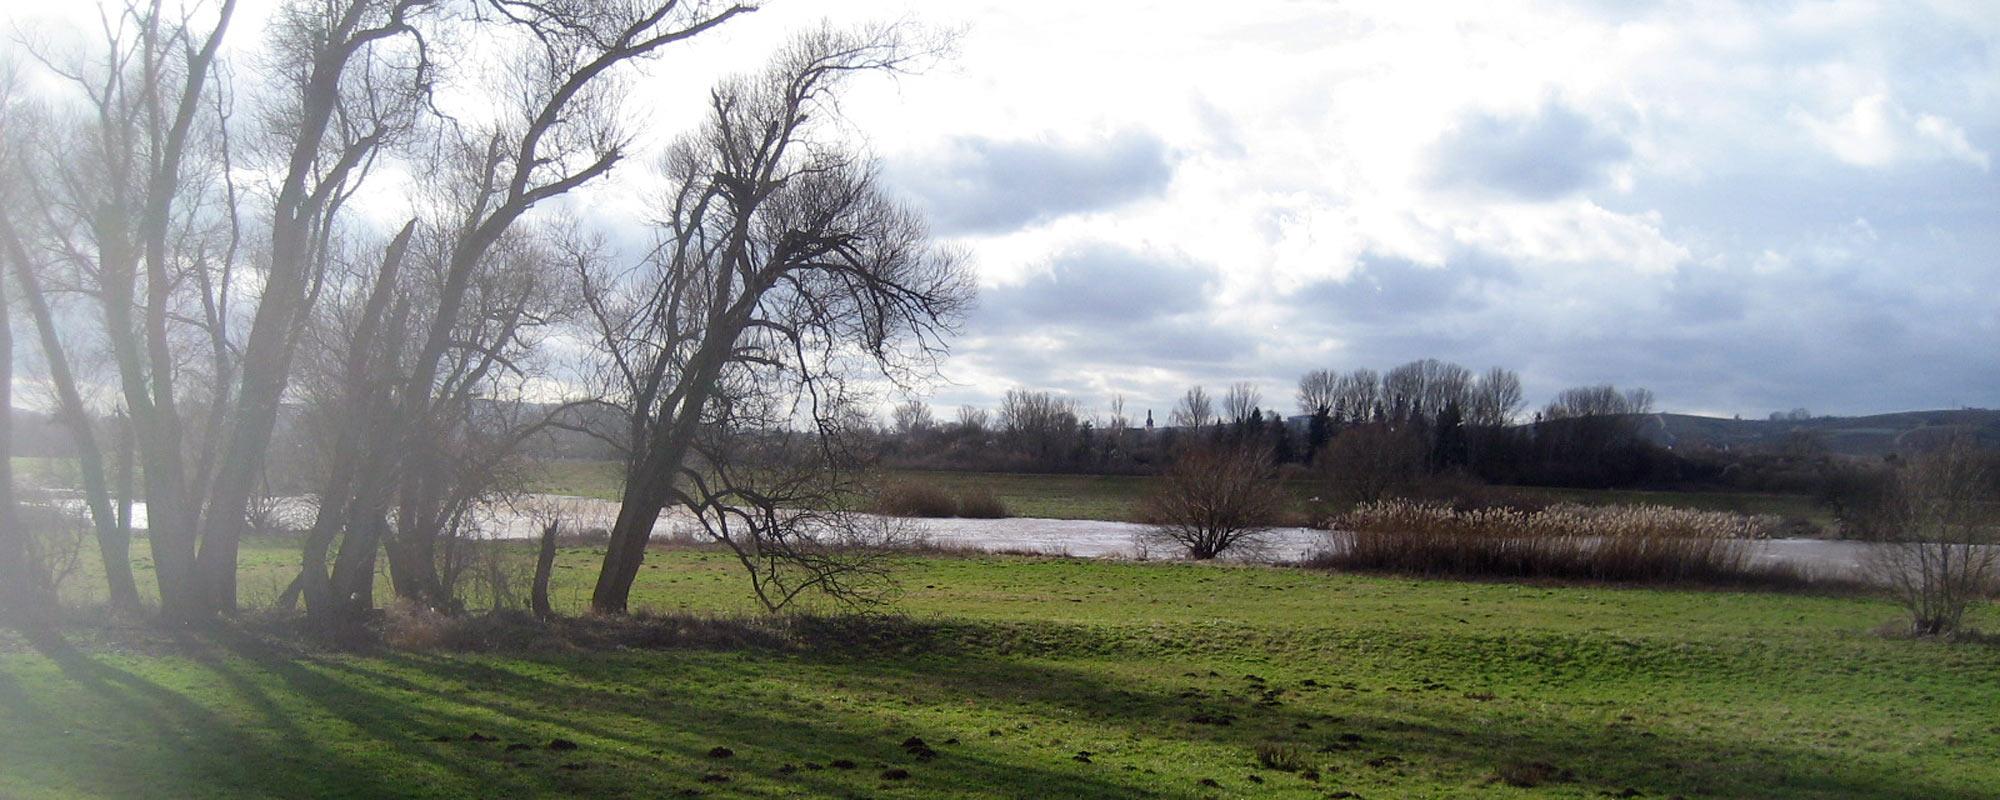 Hochwasserschutz_Nahe_SLIDE_3